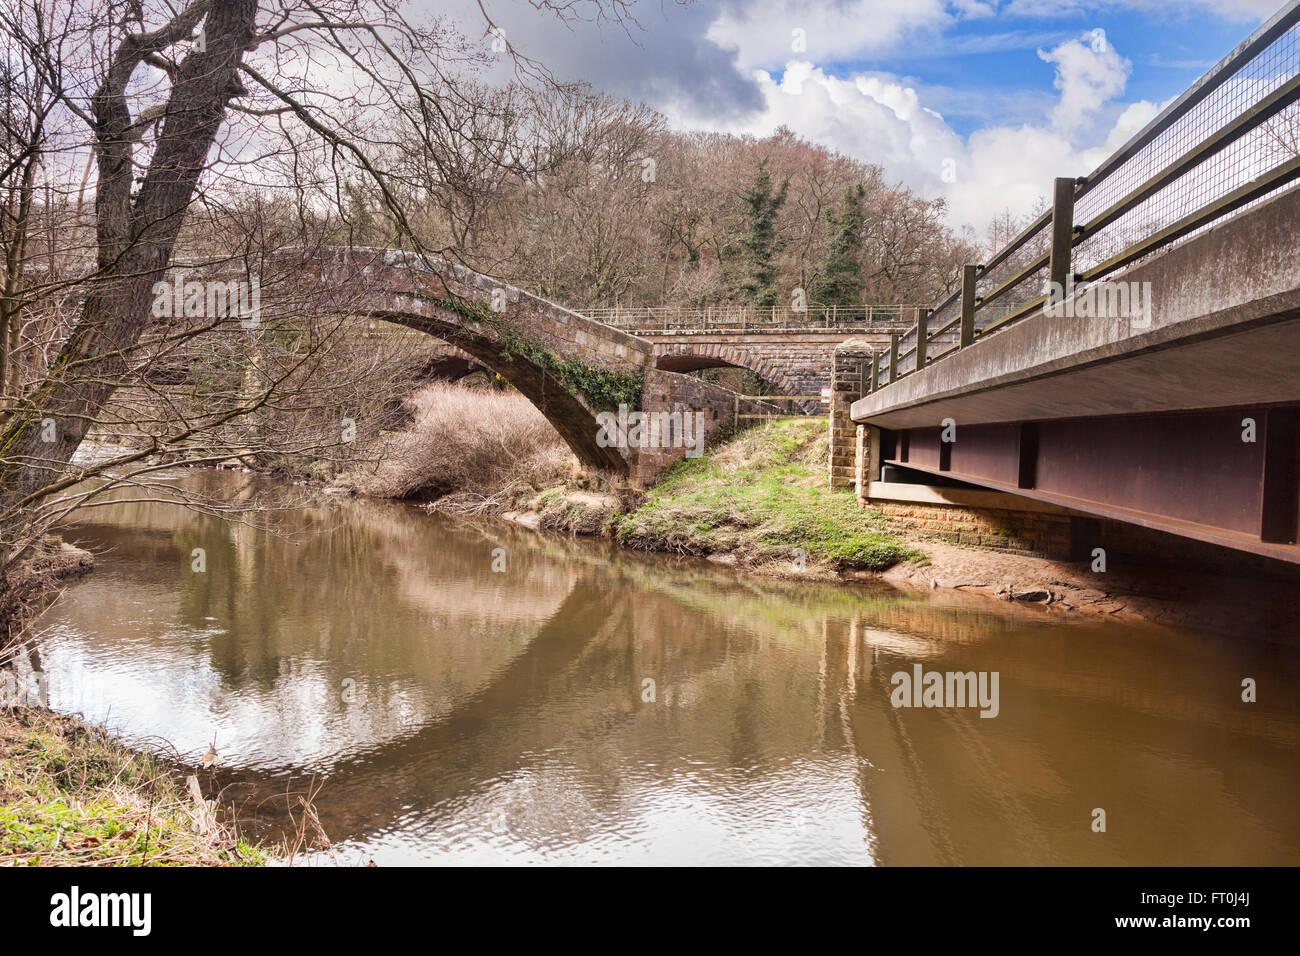 Les trois ponts à North of Glaisdale, Yorkshire, Angleterre, Royaume-Uni - l'ancien pont à cheval Photo Stock